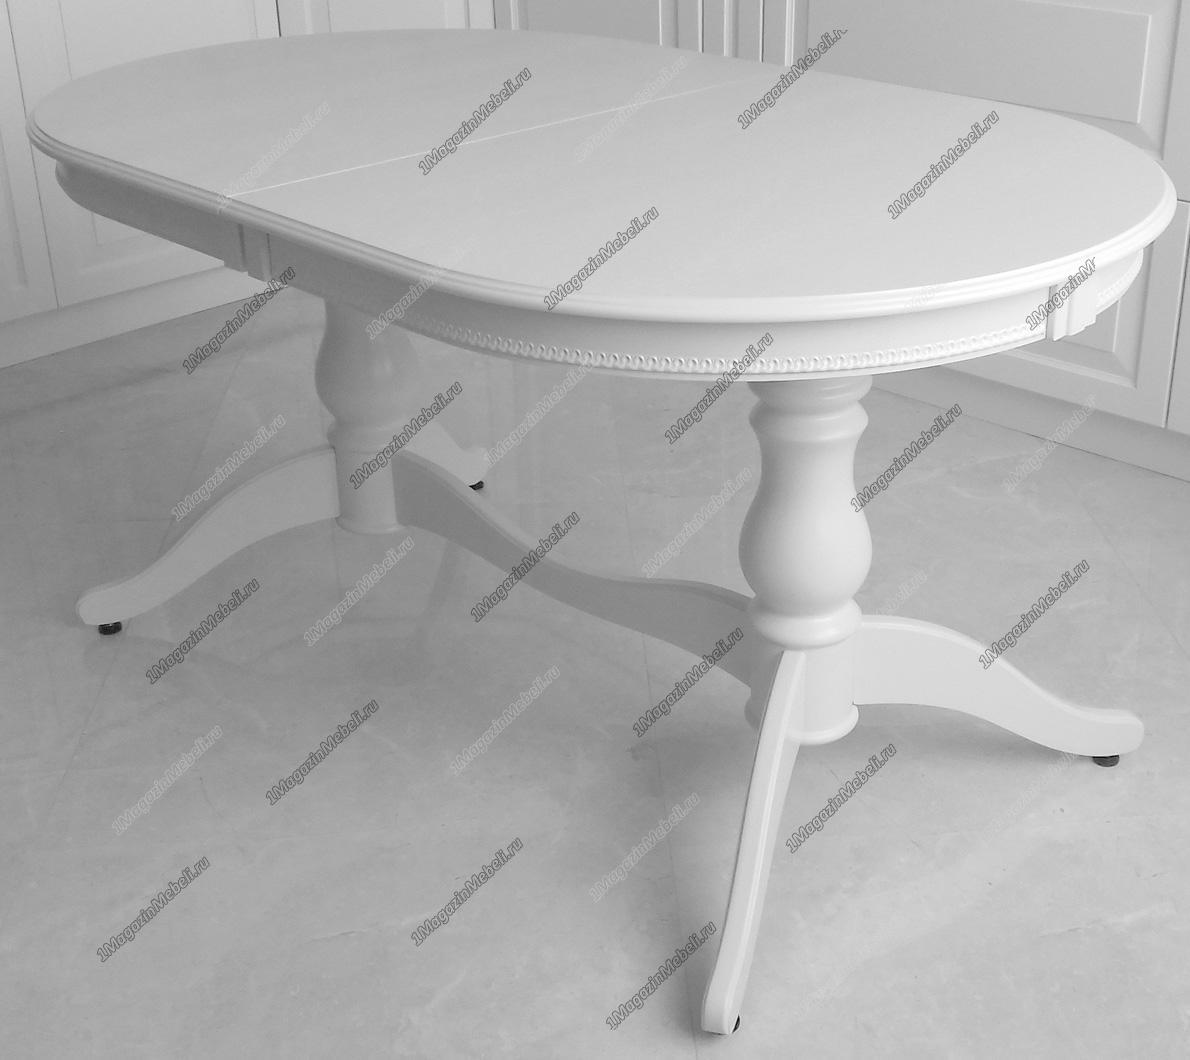 Стол белый деревянный для кухни 150-190 см., овал (арт. М4179)